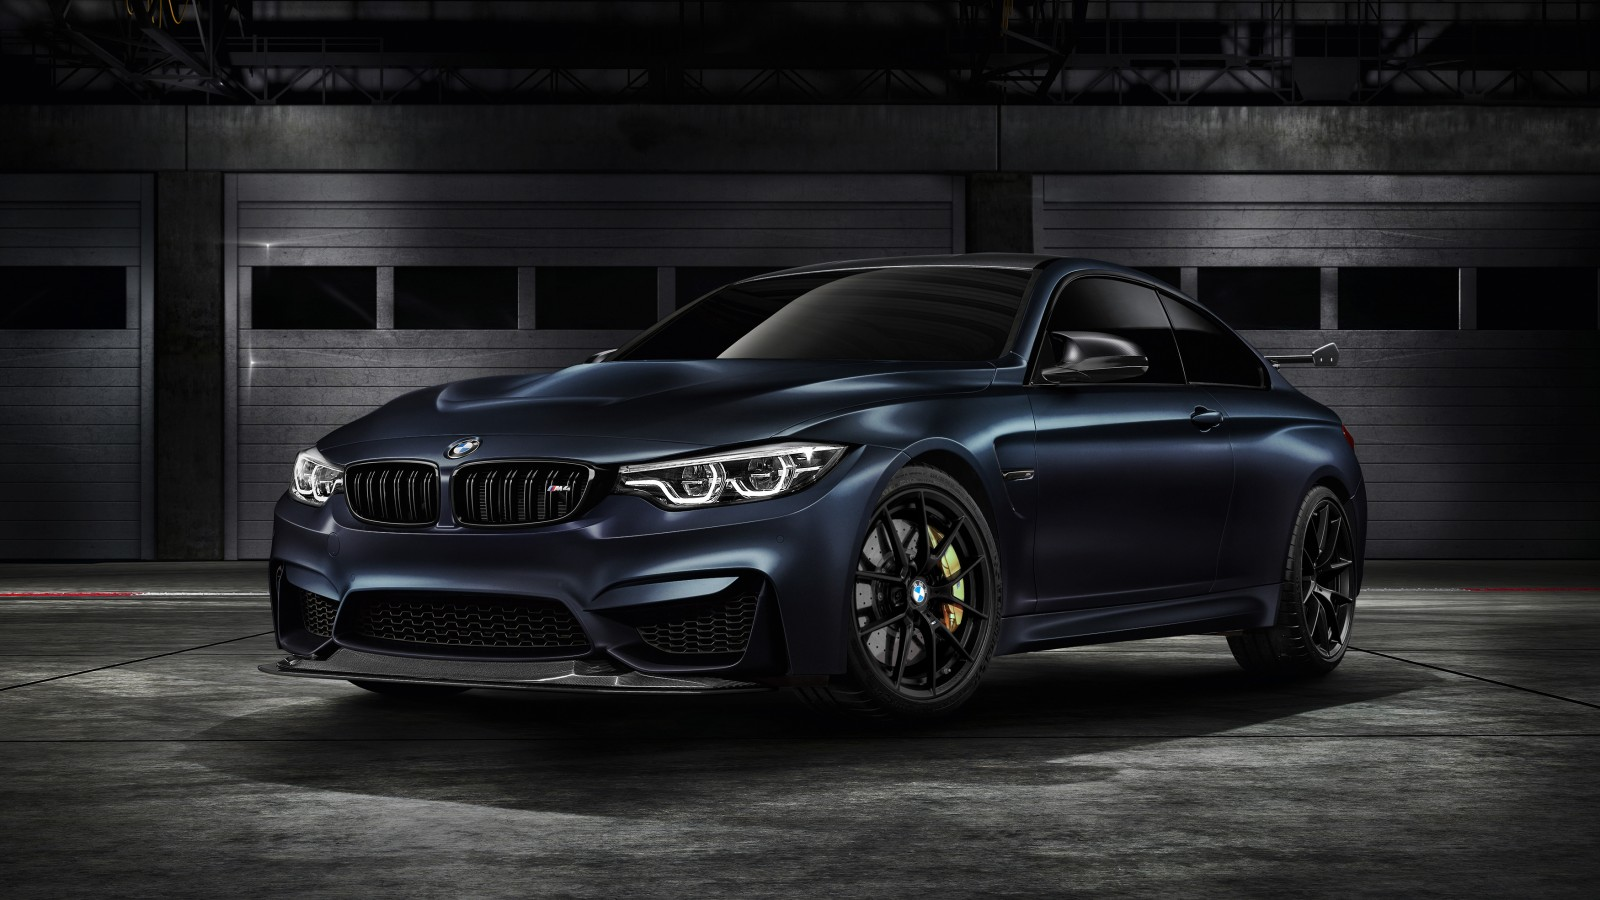 BMW M4 GTS 2018 3 Wallpaper | HD Car Wallpapers | ID #8082